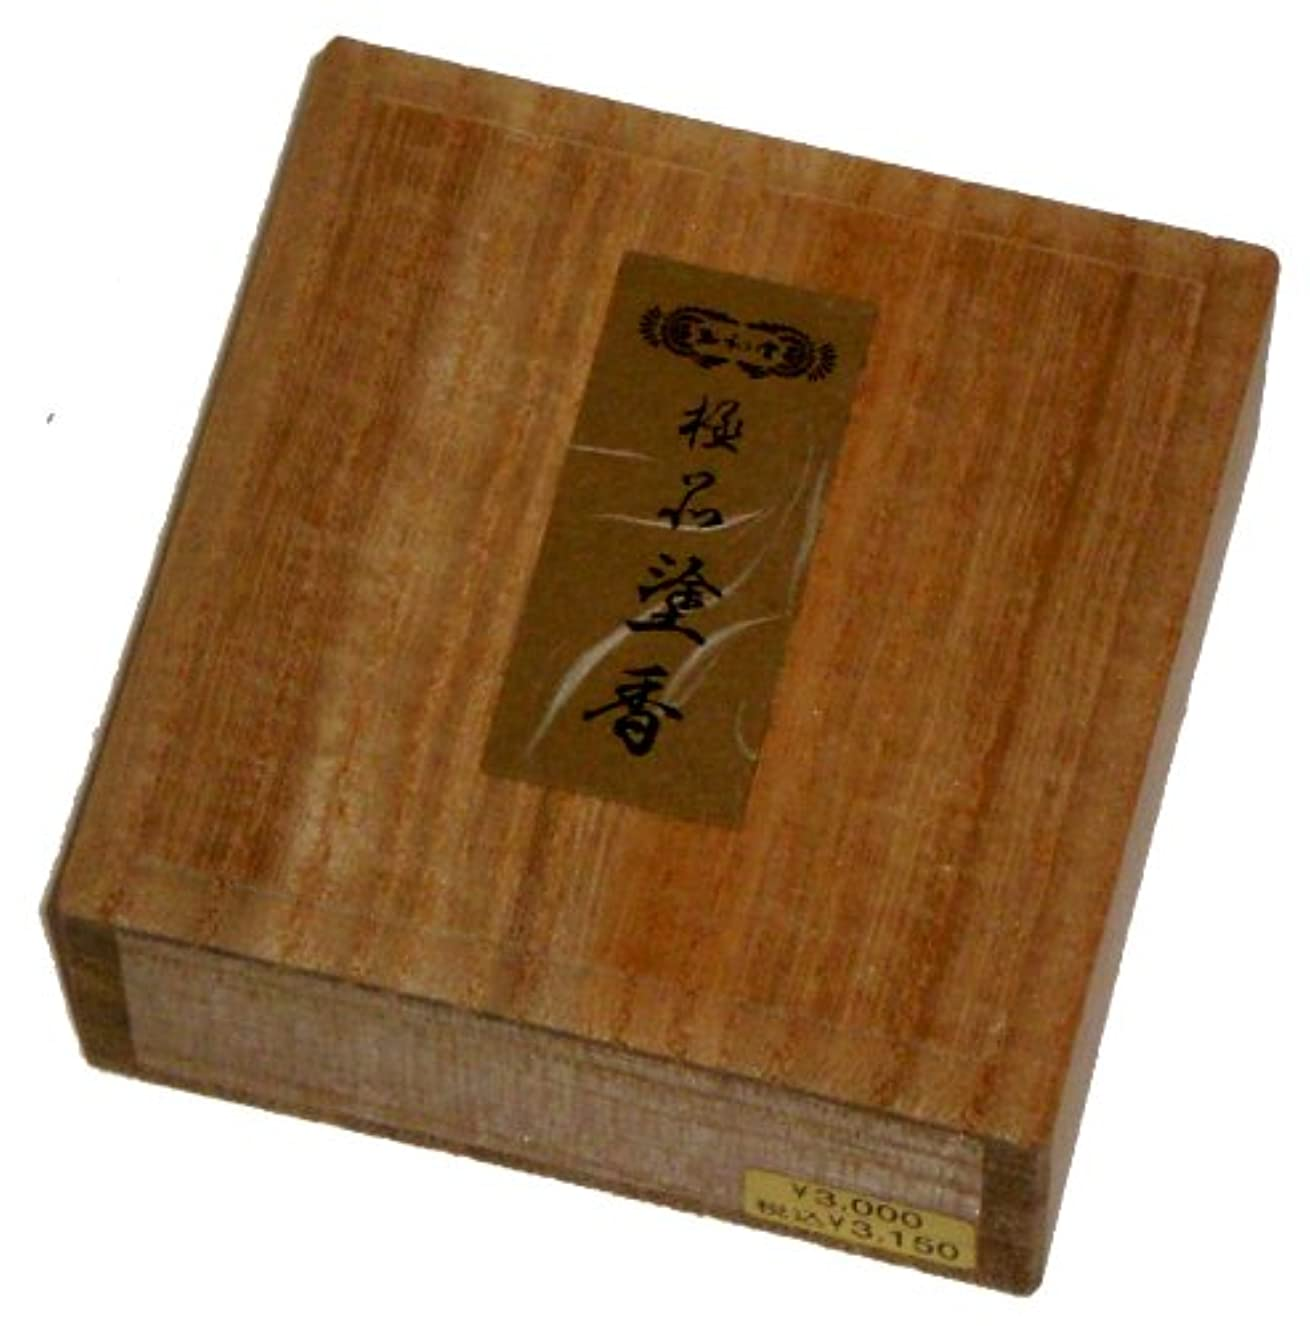 関係行控えめな玉初堂のお香 極品塗香 15g 桐箱 #835